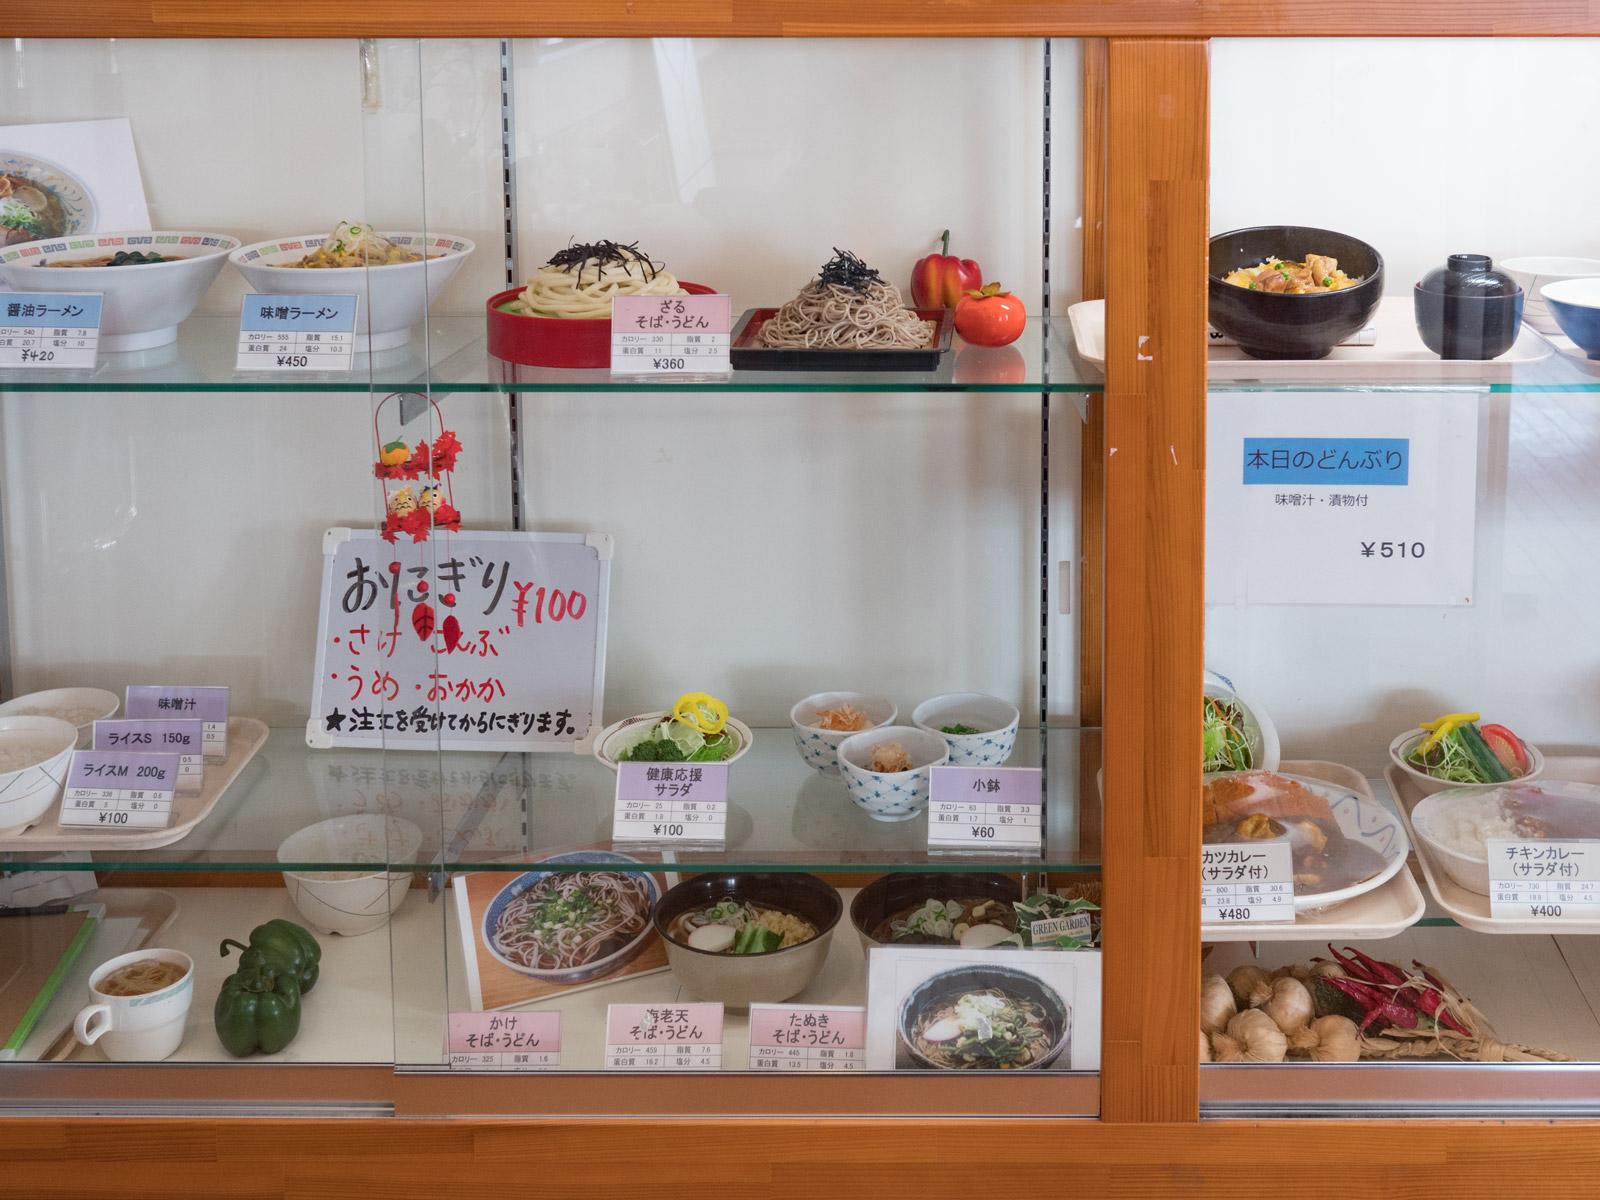 食品サンプルにはカロリー、塩分、資質などが表示されている DMC-GX8 + LUMIX 20mm【蛍光灯】